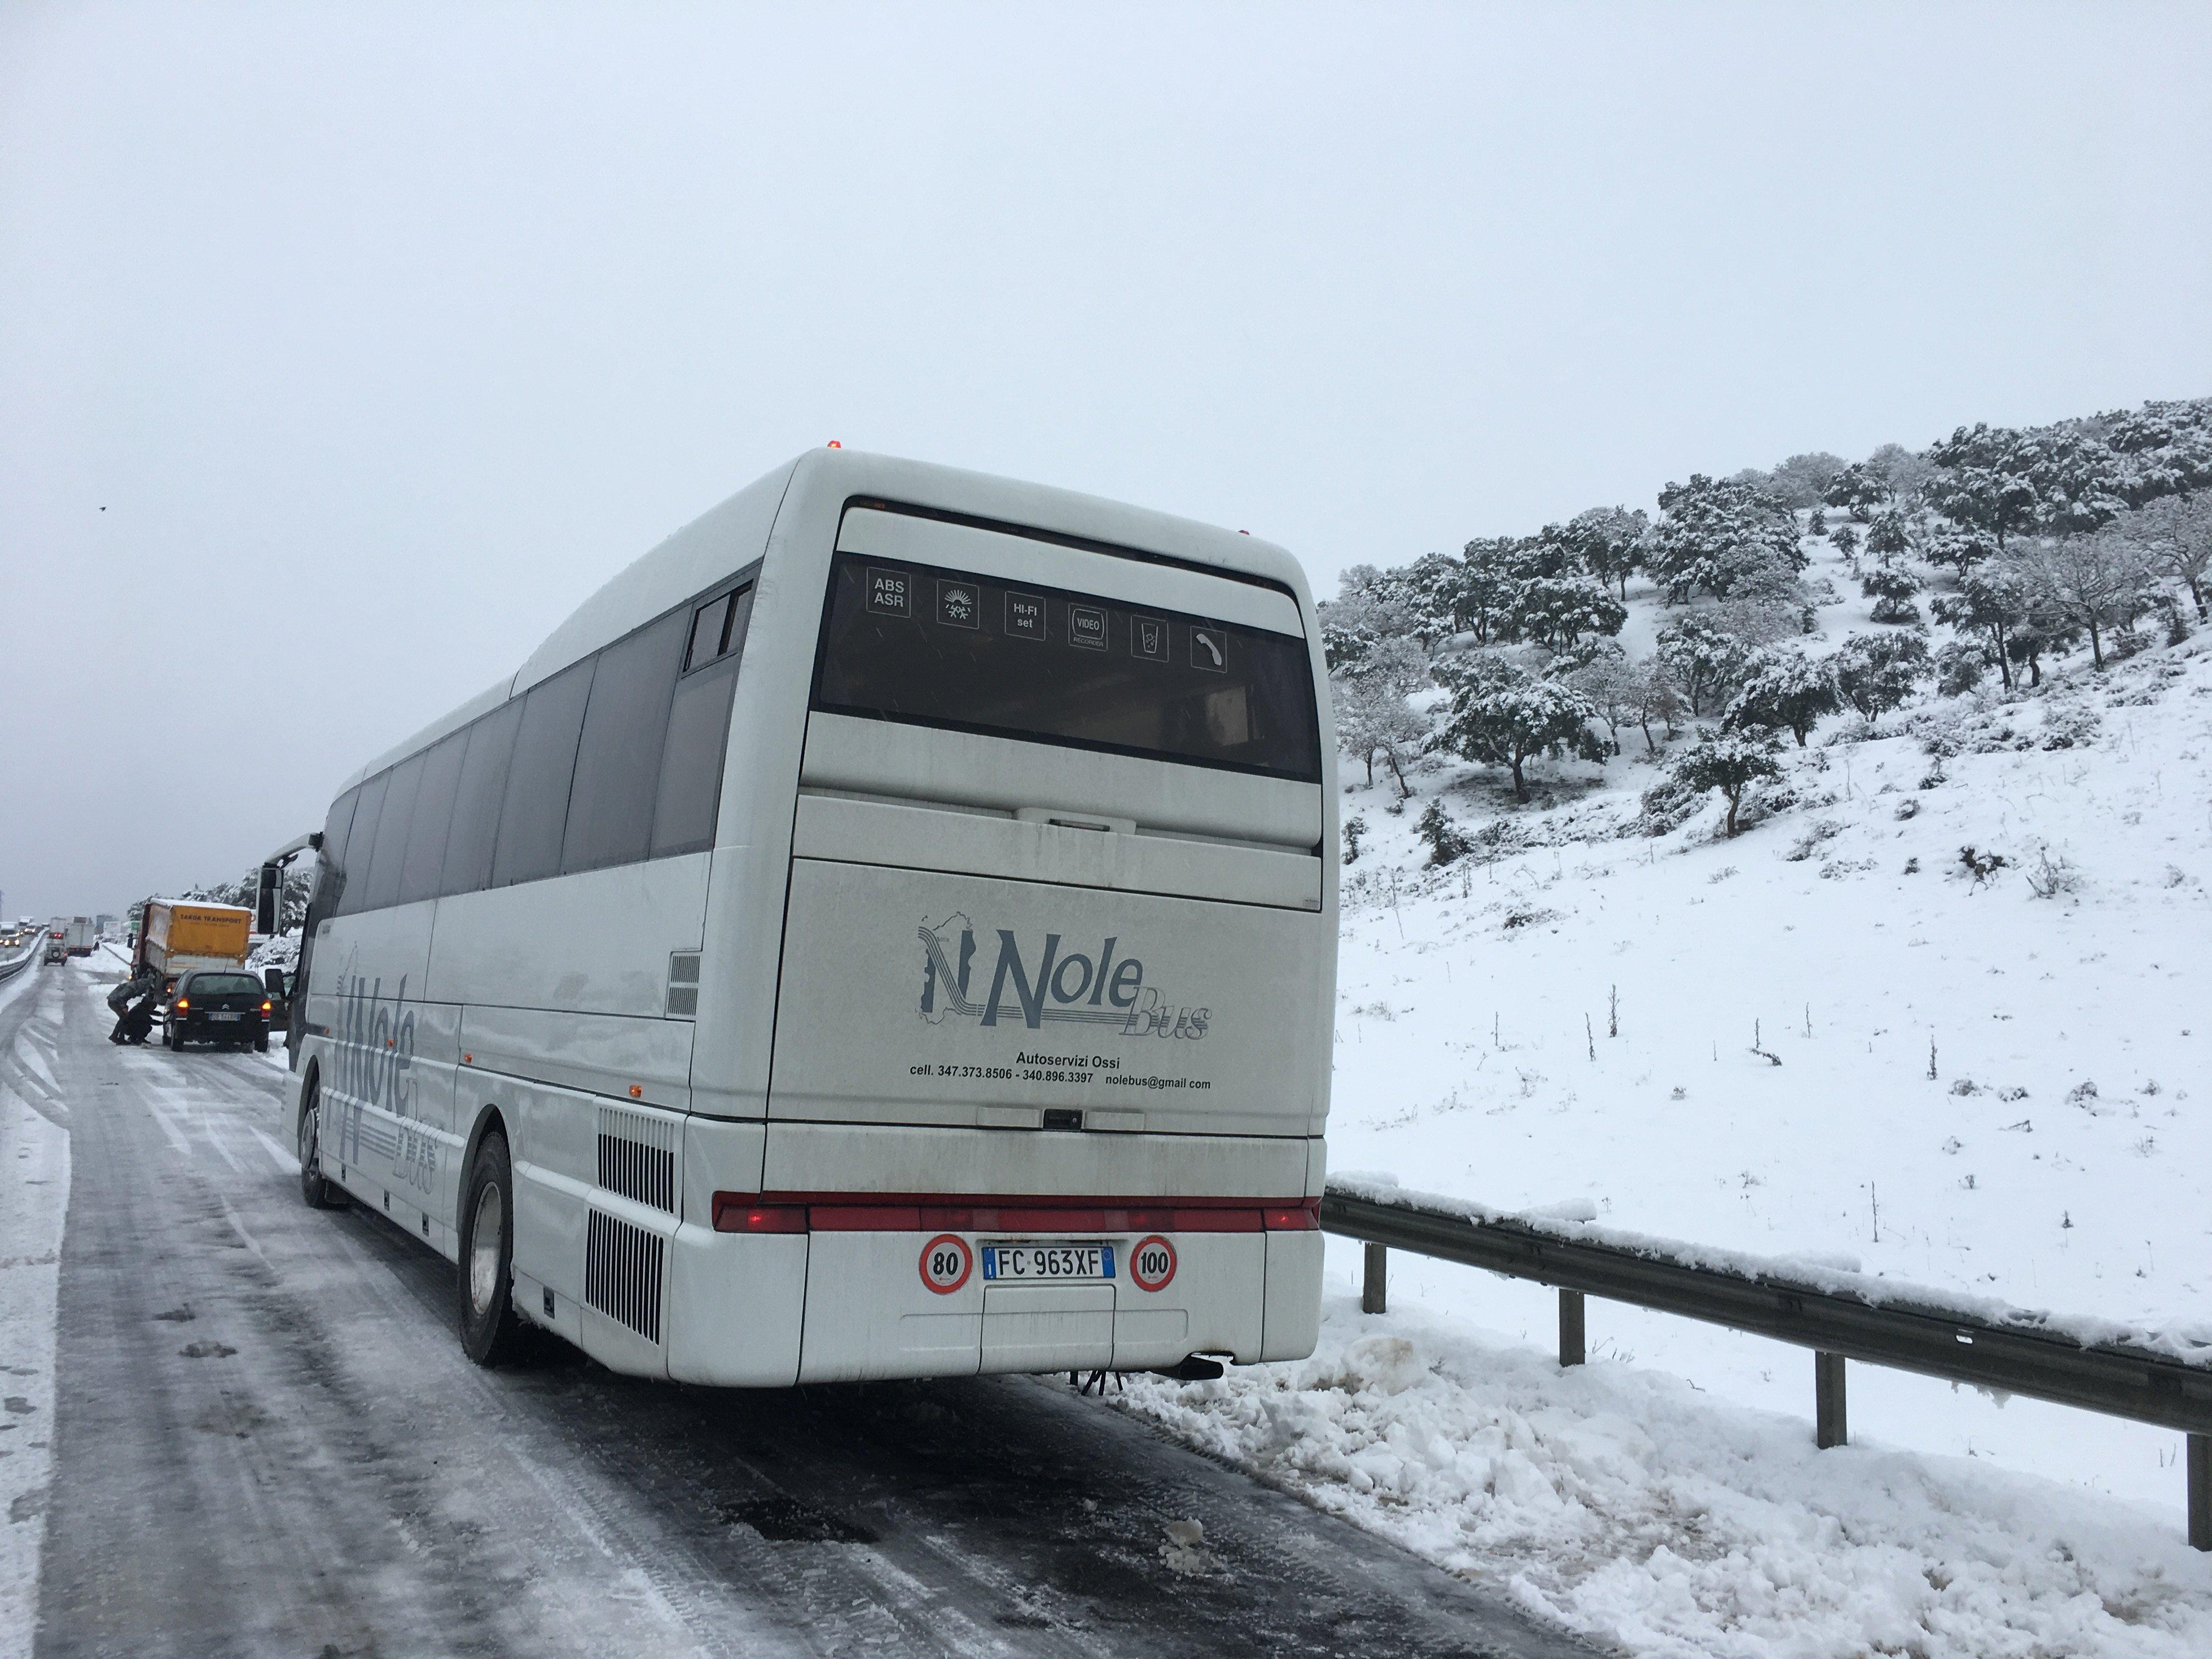 autobus che cammina sulla neve Nolobus